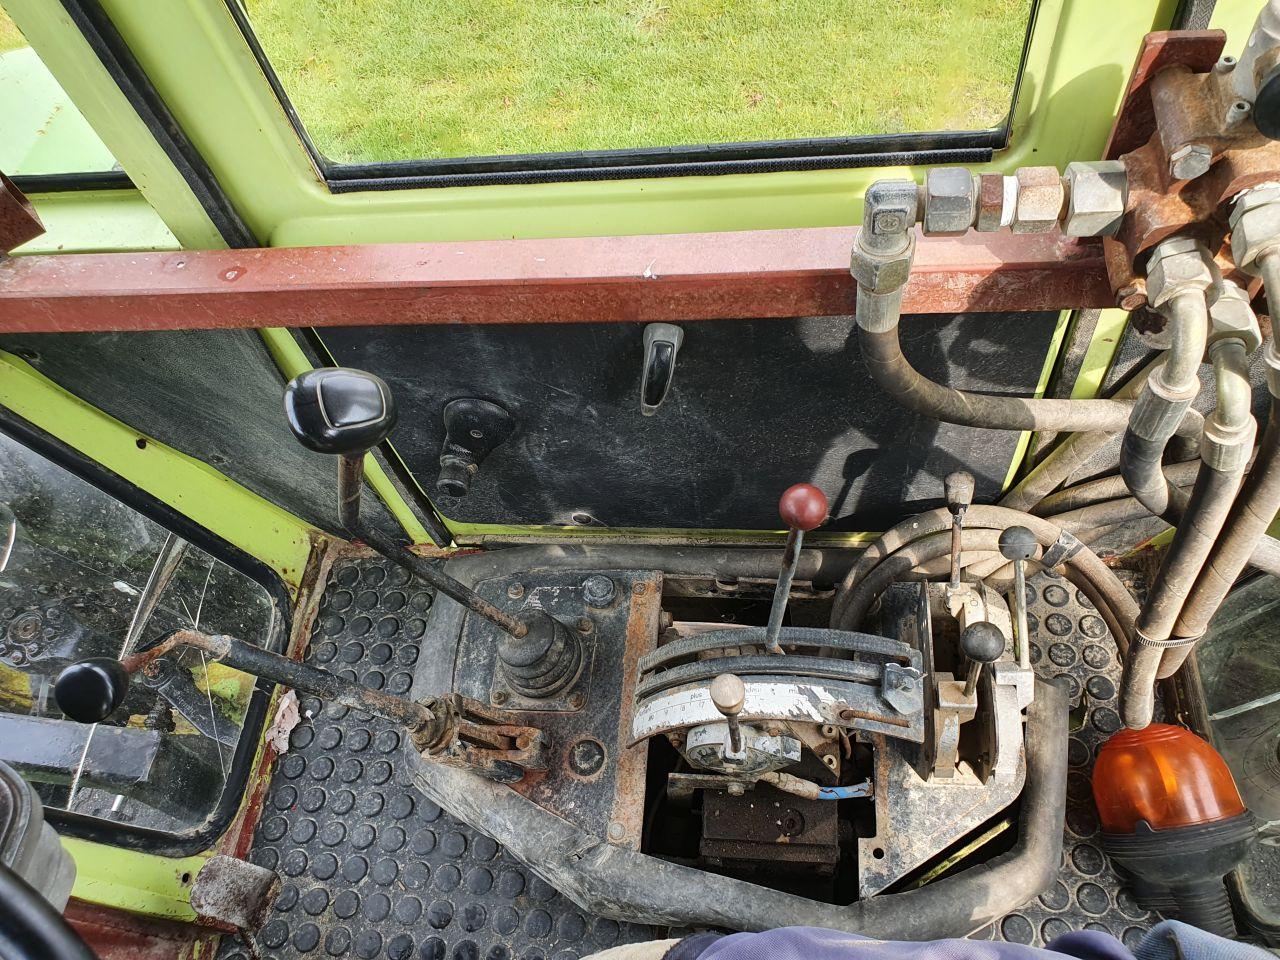 Mb trac 1300 Turbo